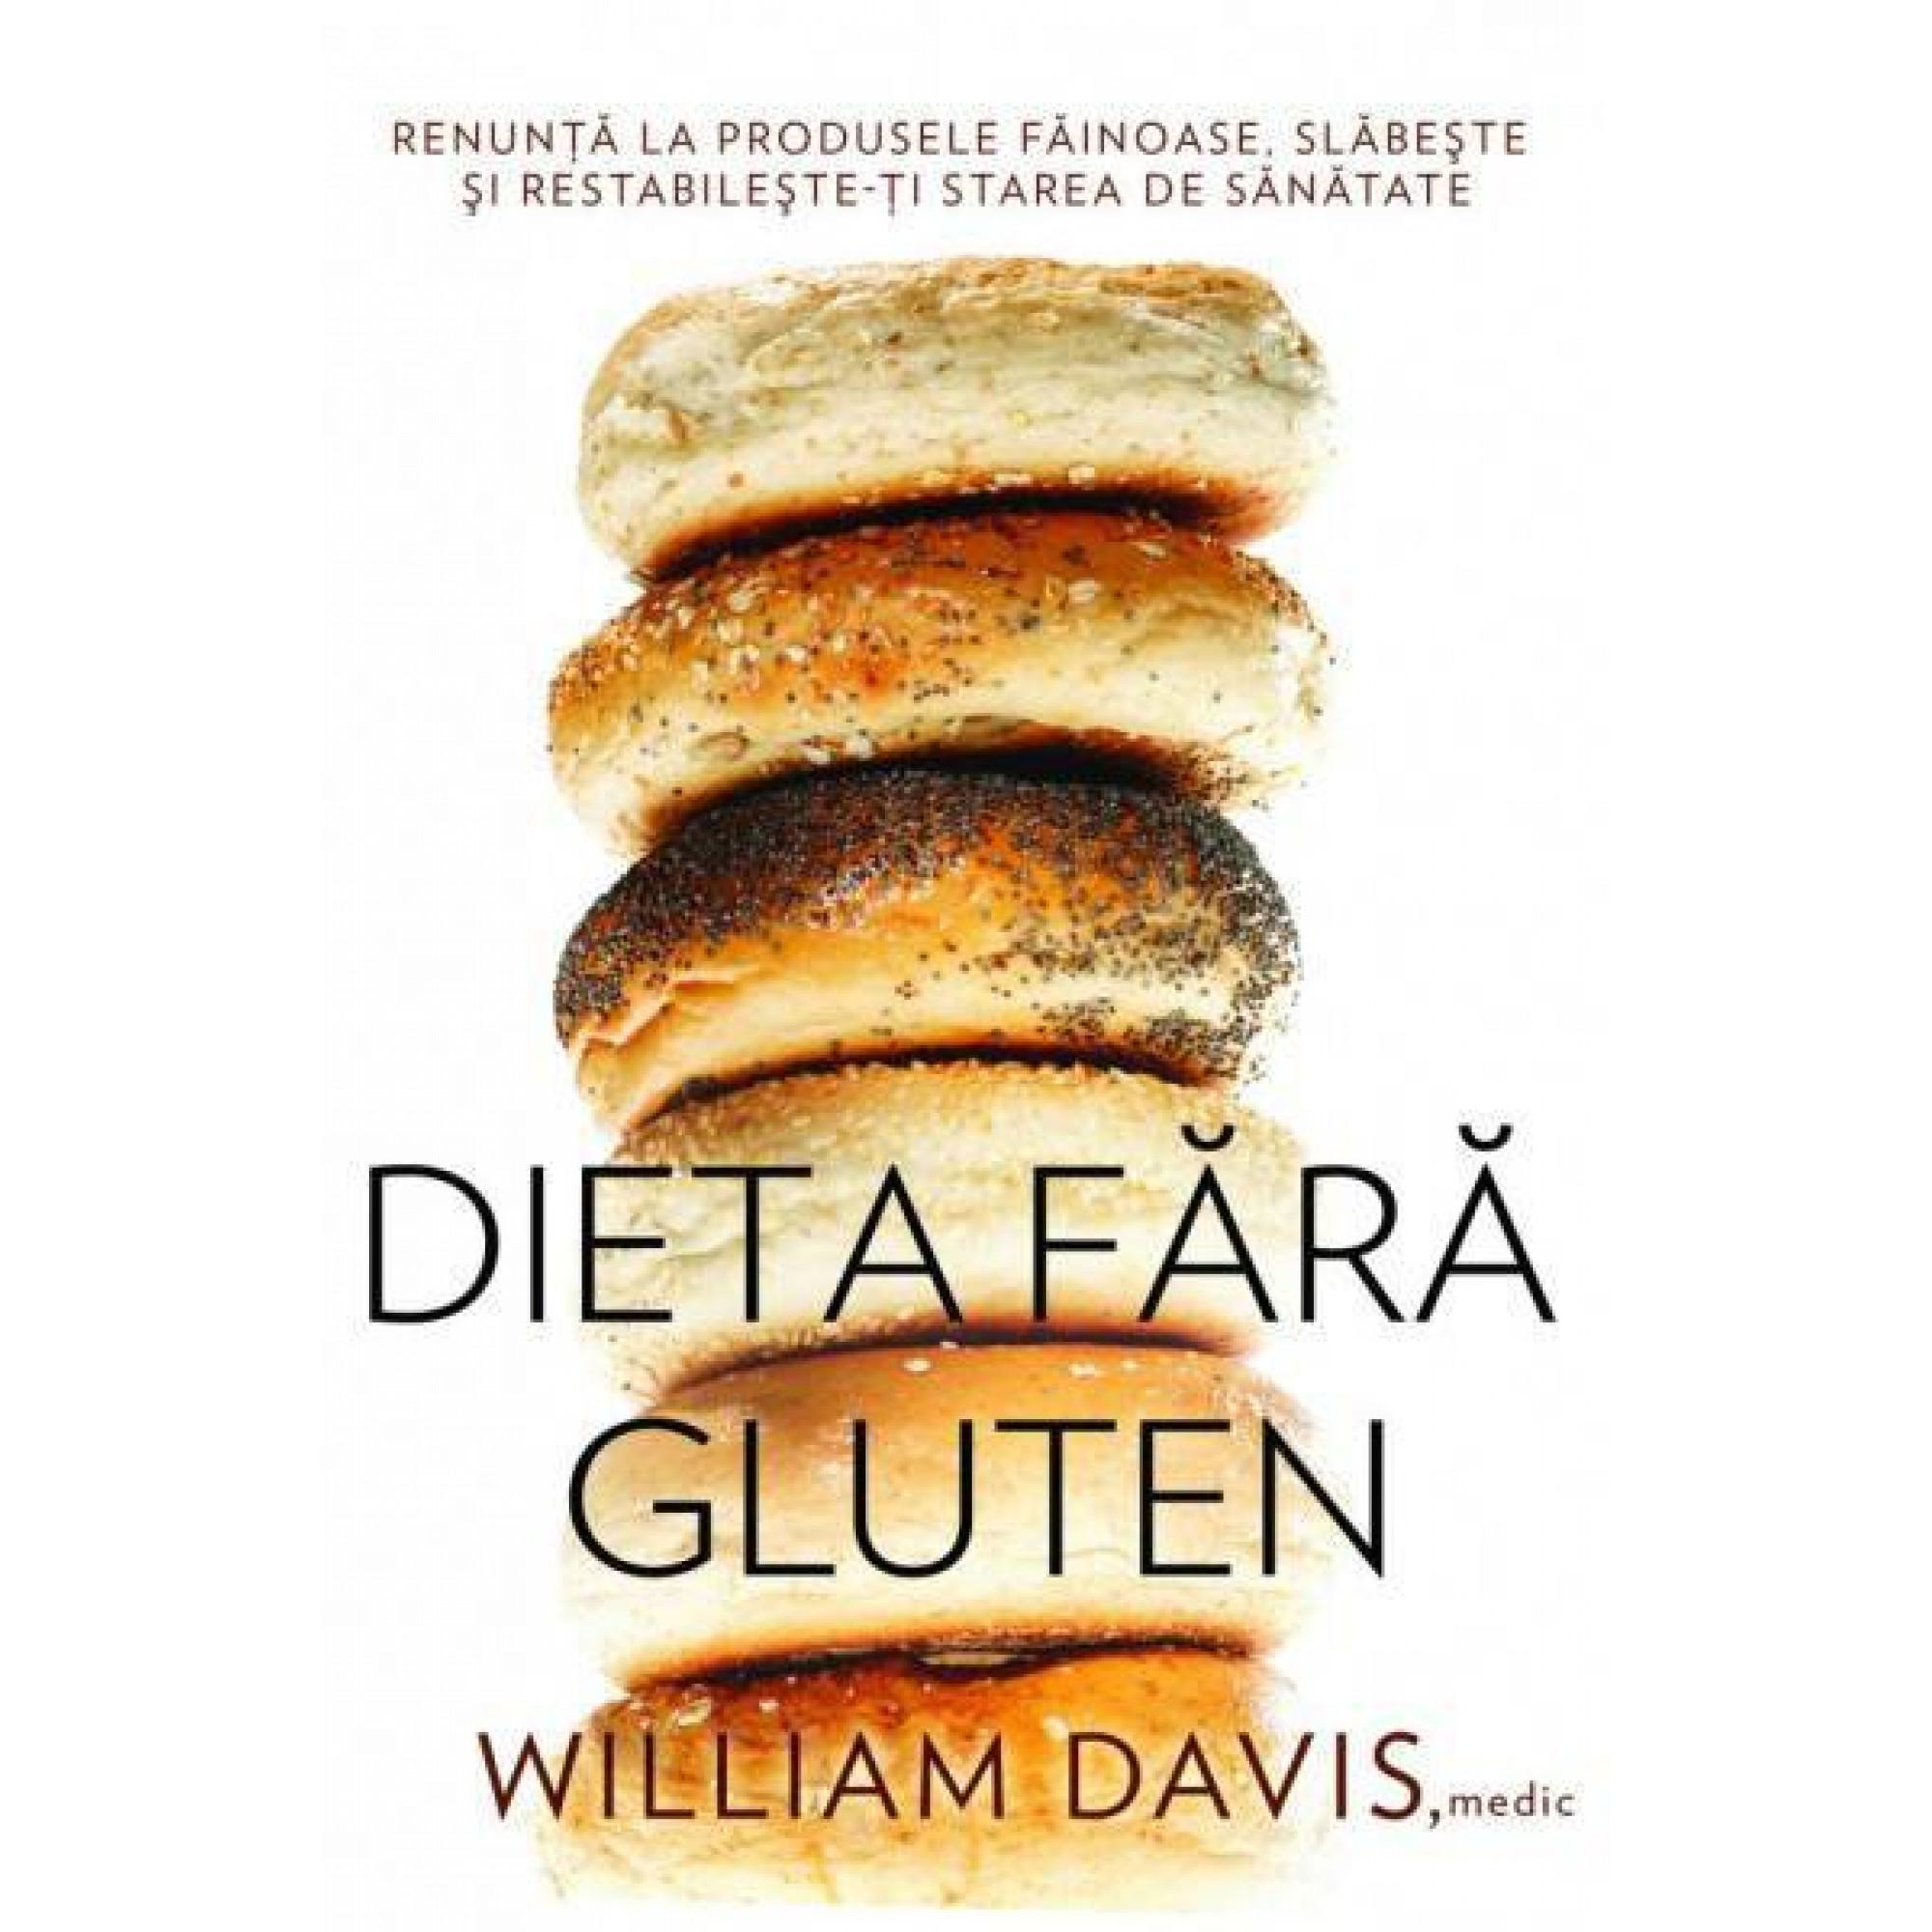 Dieta fără gluten; William Davis